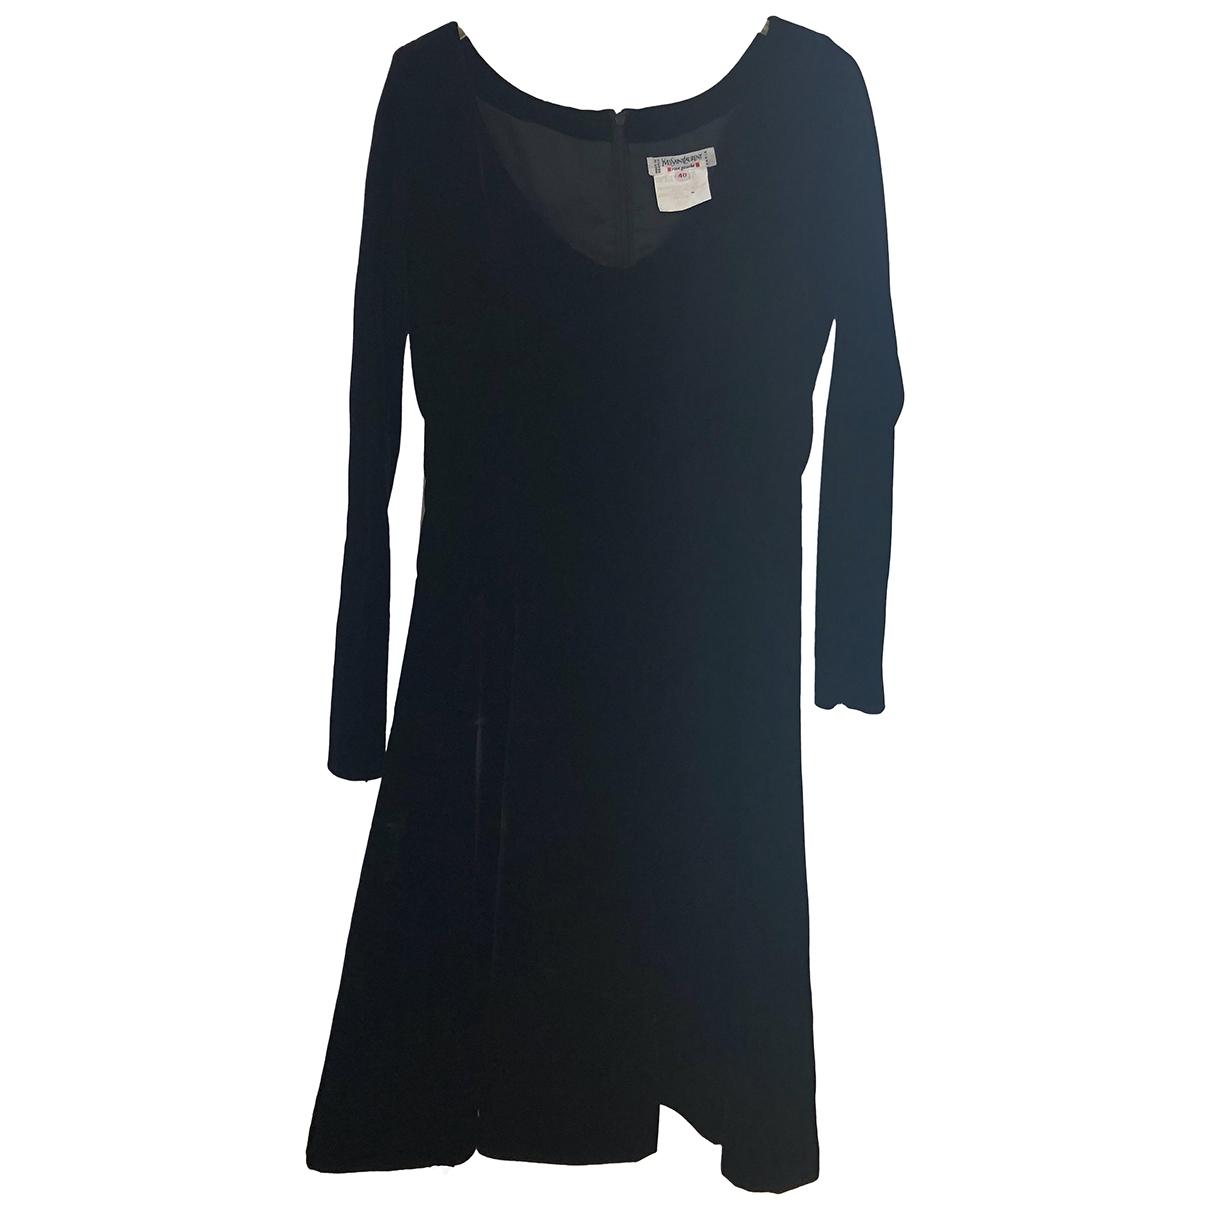 Yves Saint Laurent \N Kleid in  Schwarz Samt